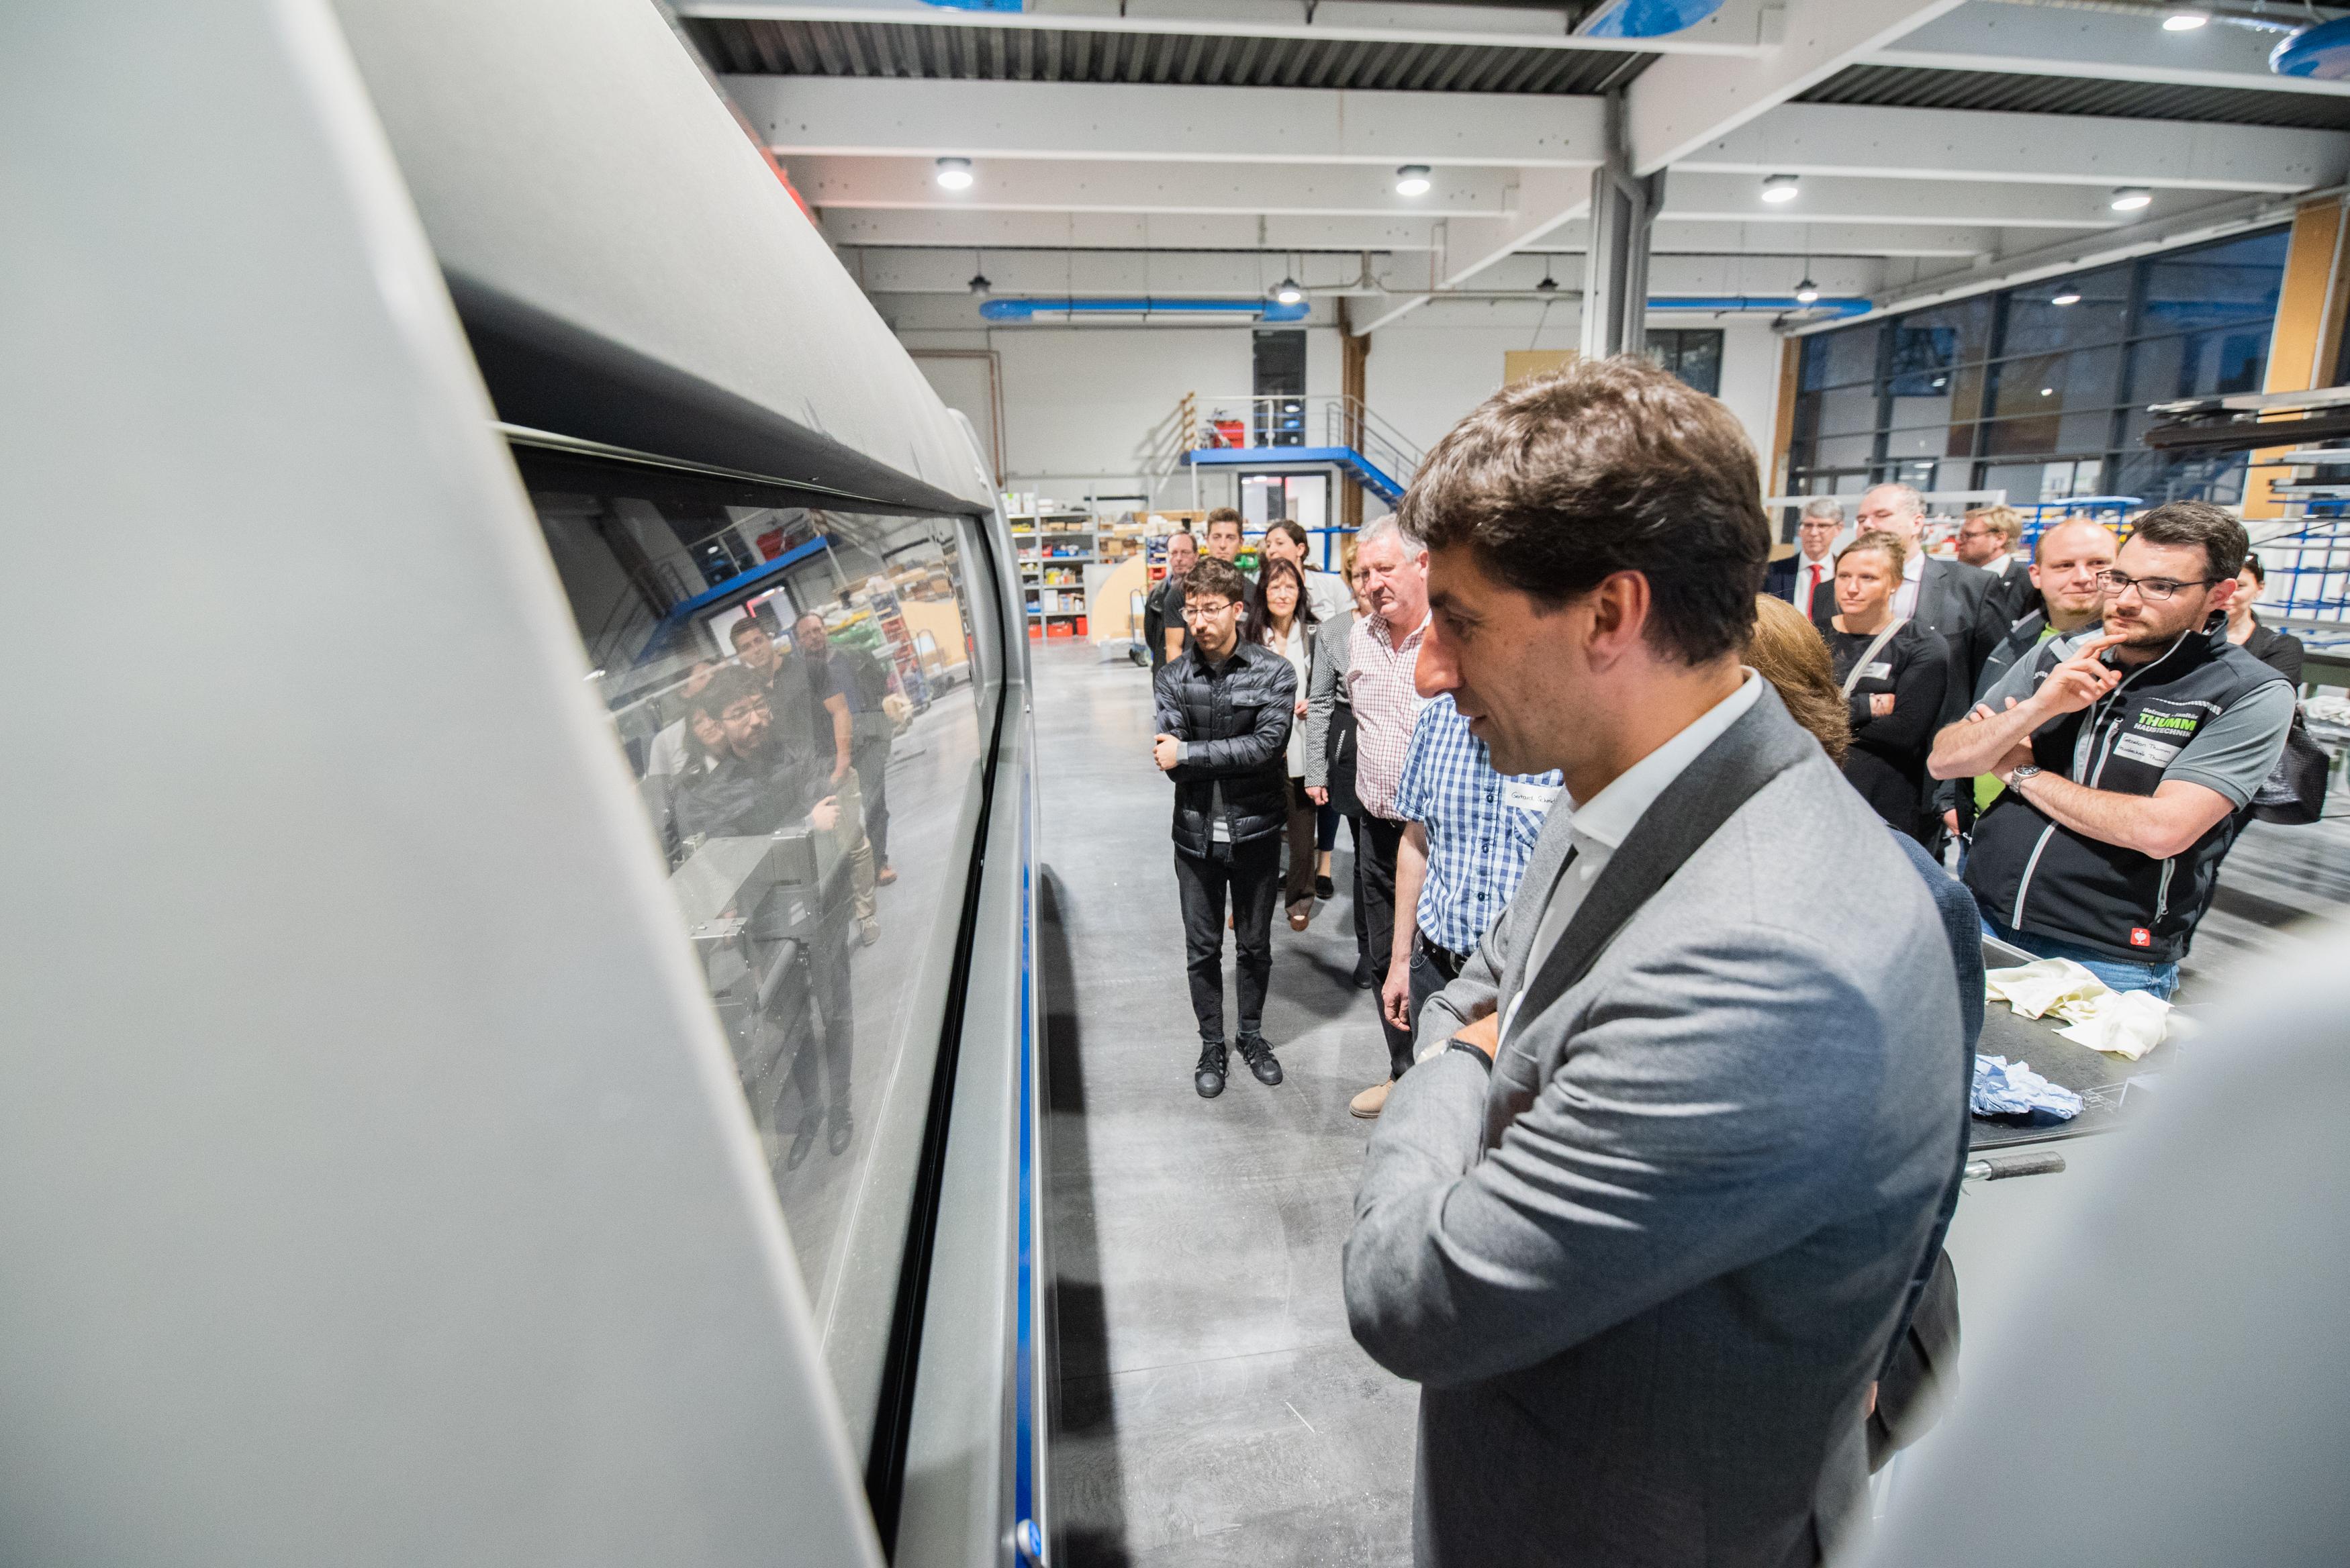 Unternehmens-Einblicke 16.04.2018 bei Metallbau Zenn - Betriebsbesichtigung der Firma Zenn